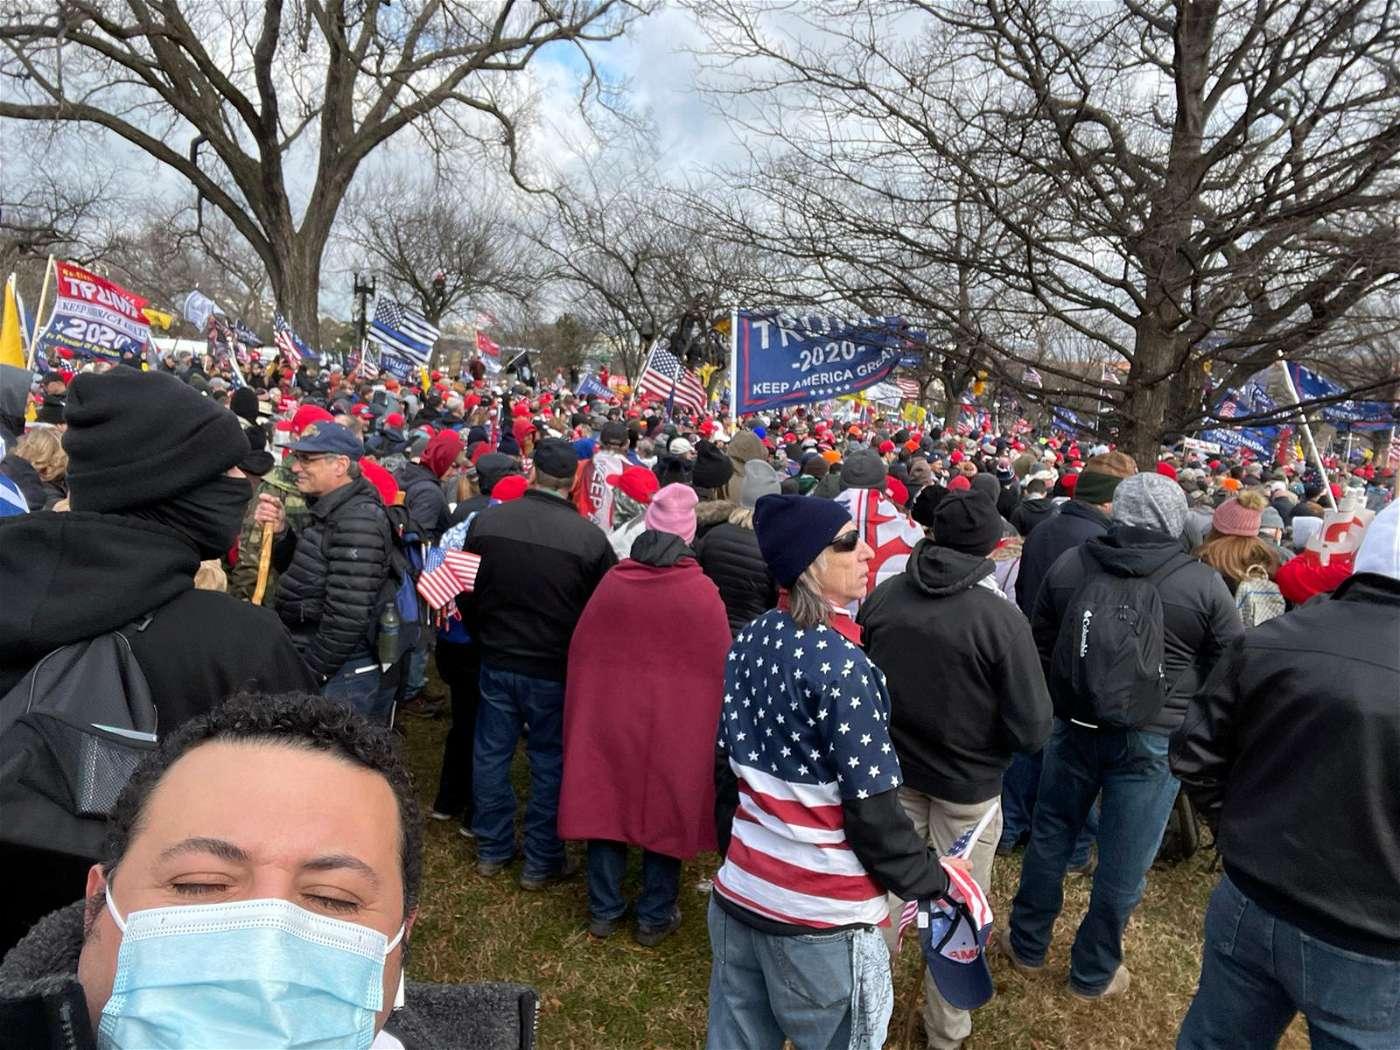 صور وفيديوهات من قلب الأحداث في واشنطن